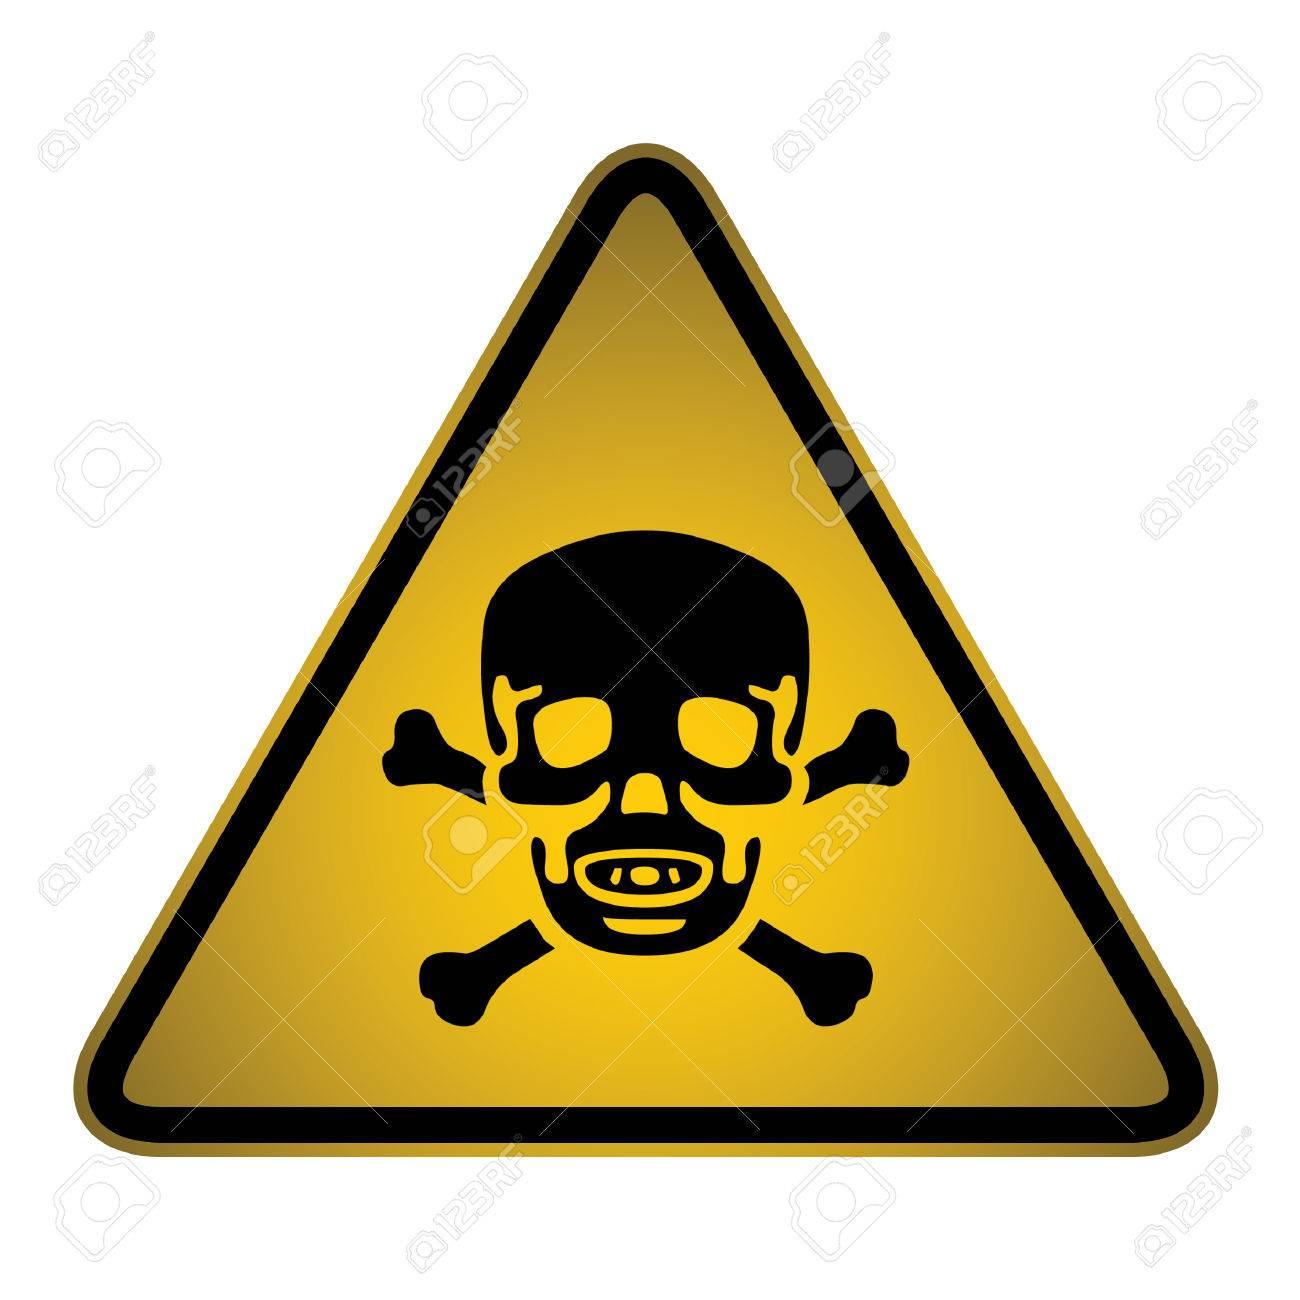 Hazard sign Stock Vector - 27158431